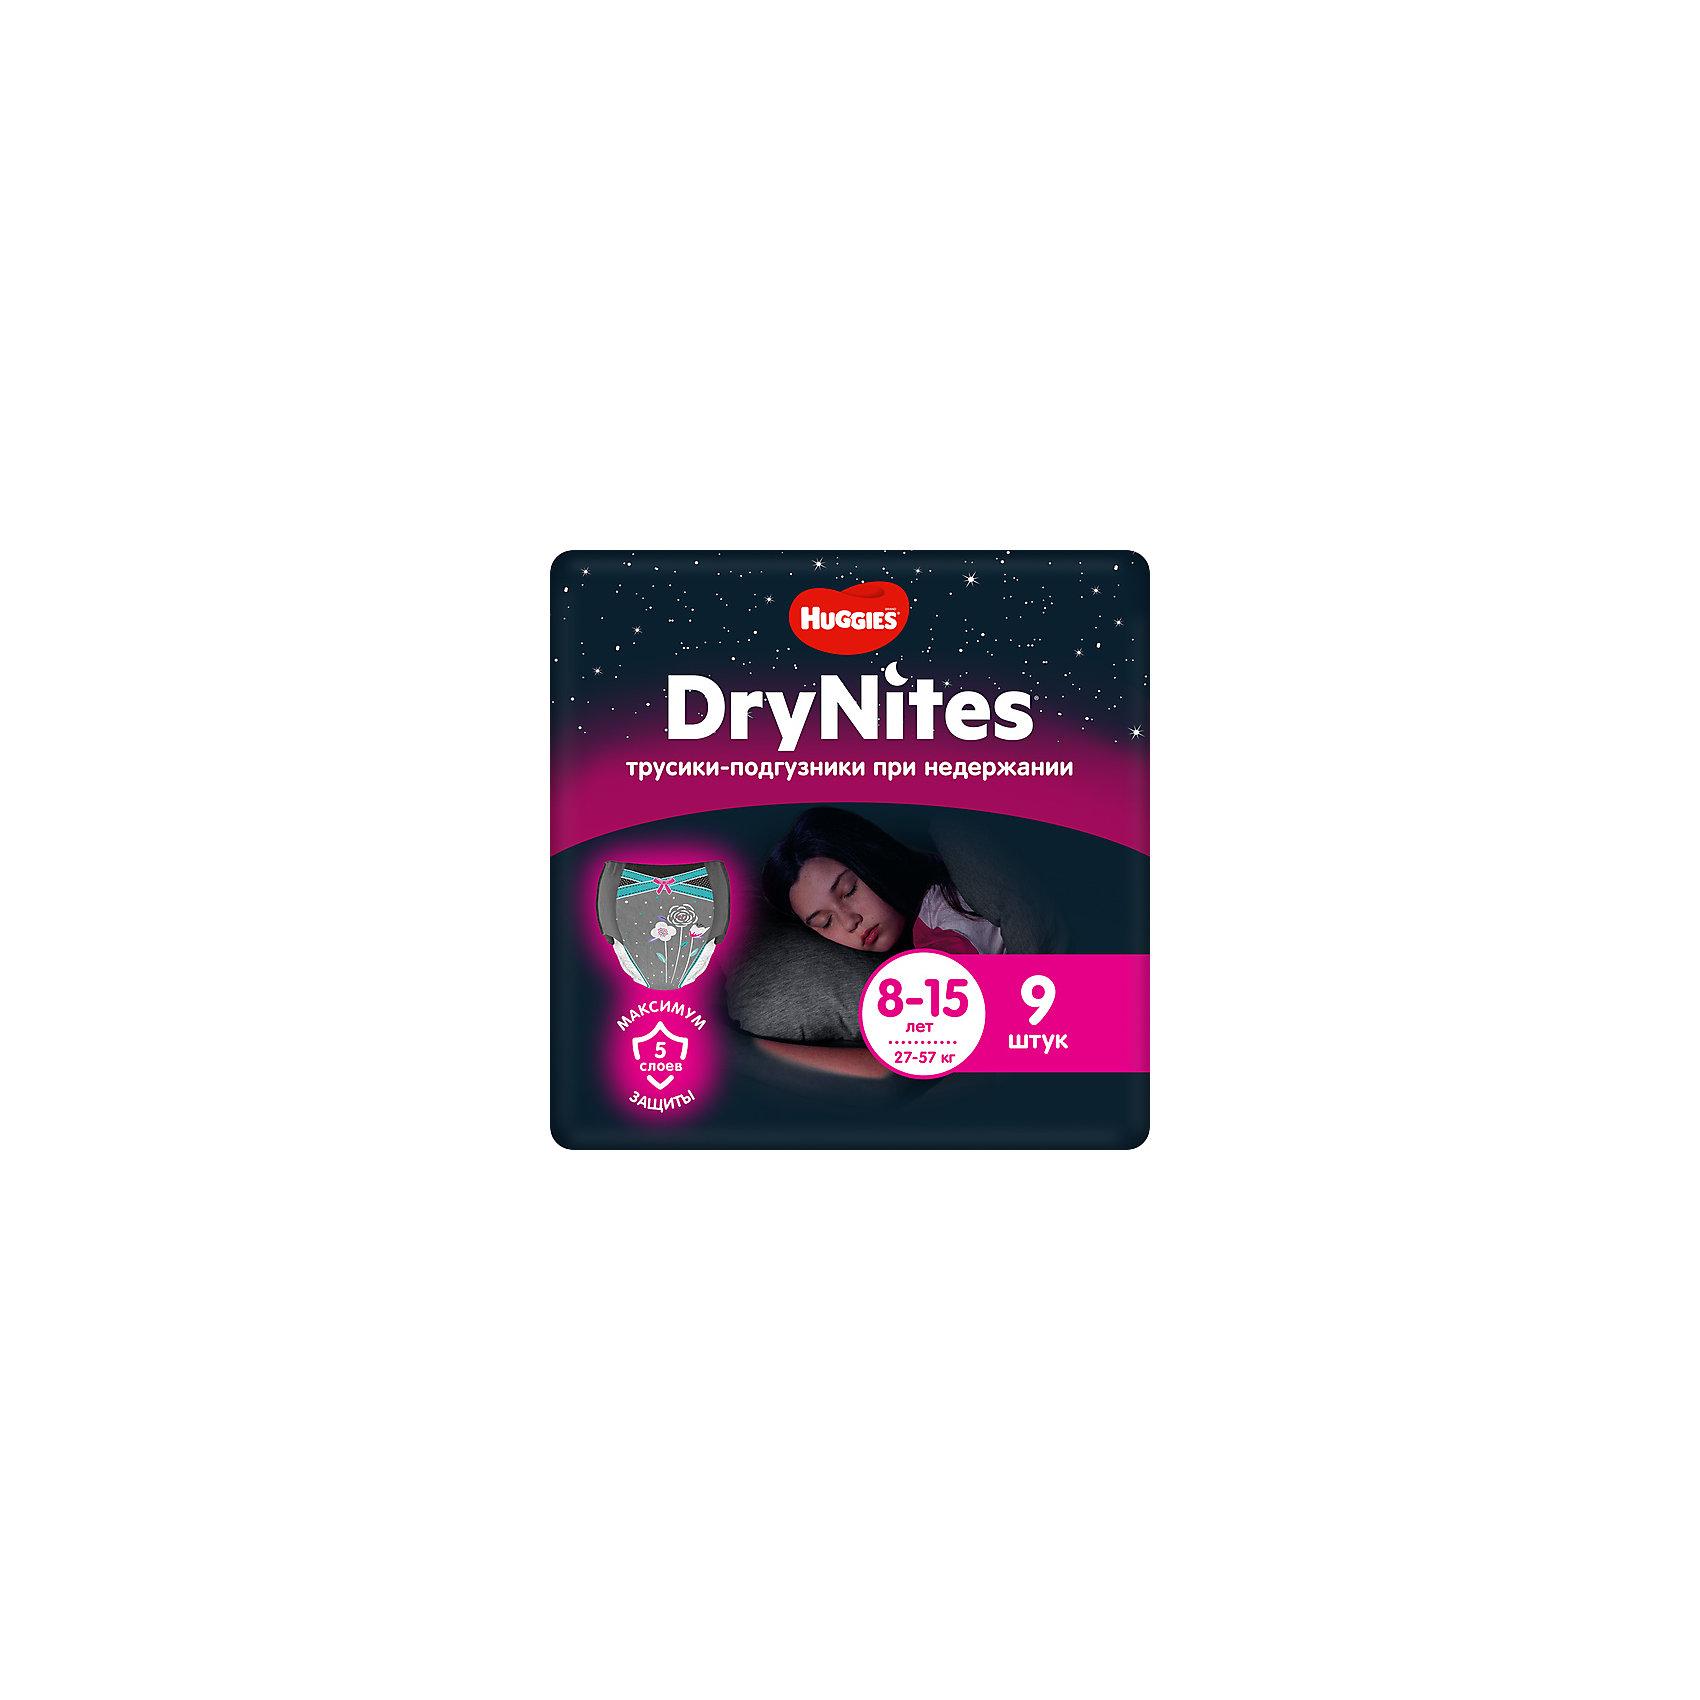 трусики-huggies-drynites-для-девочек-8-15-лет-27-57-кг-9-шт